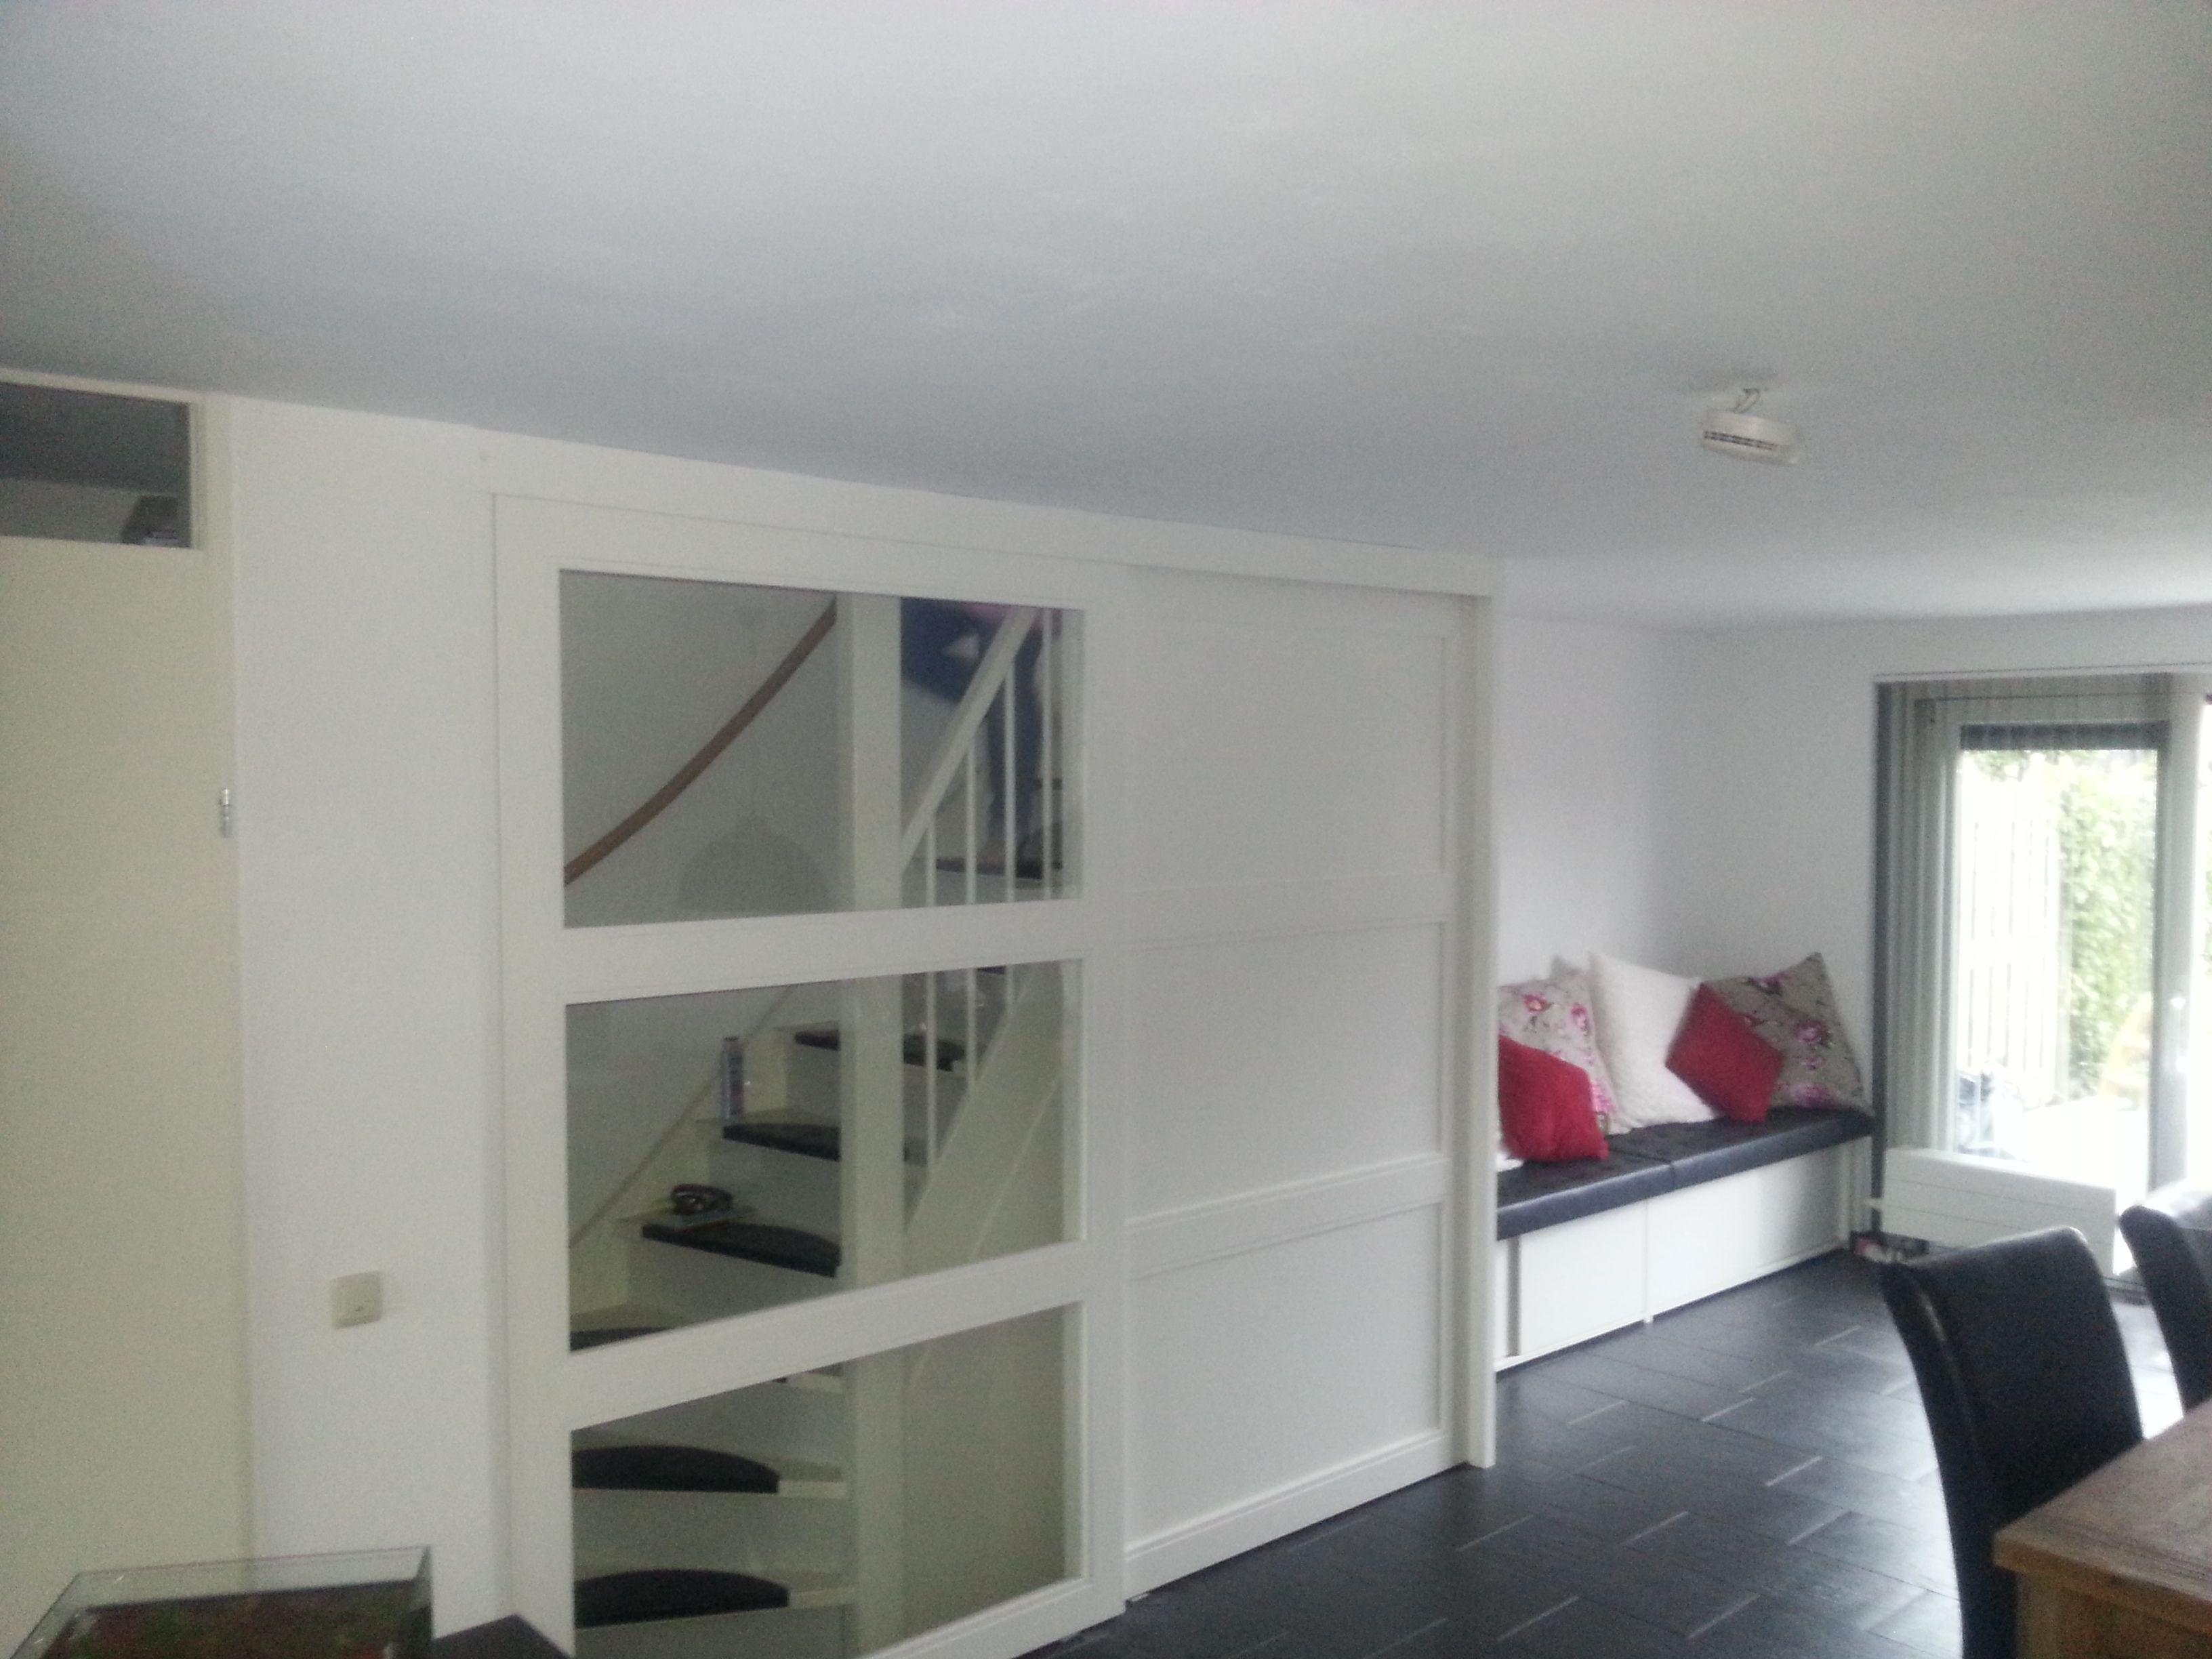 Schuifdeuren voor trap schuifdeur pinterest schuifdeuren woonkamer keuken en zolderkamer - Schuifdeur keuken woonkamer ...